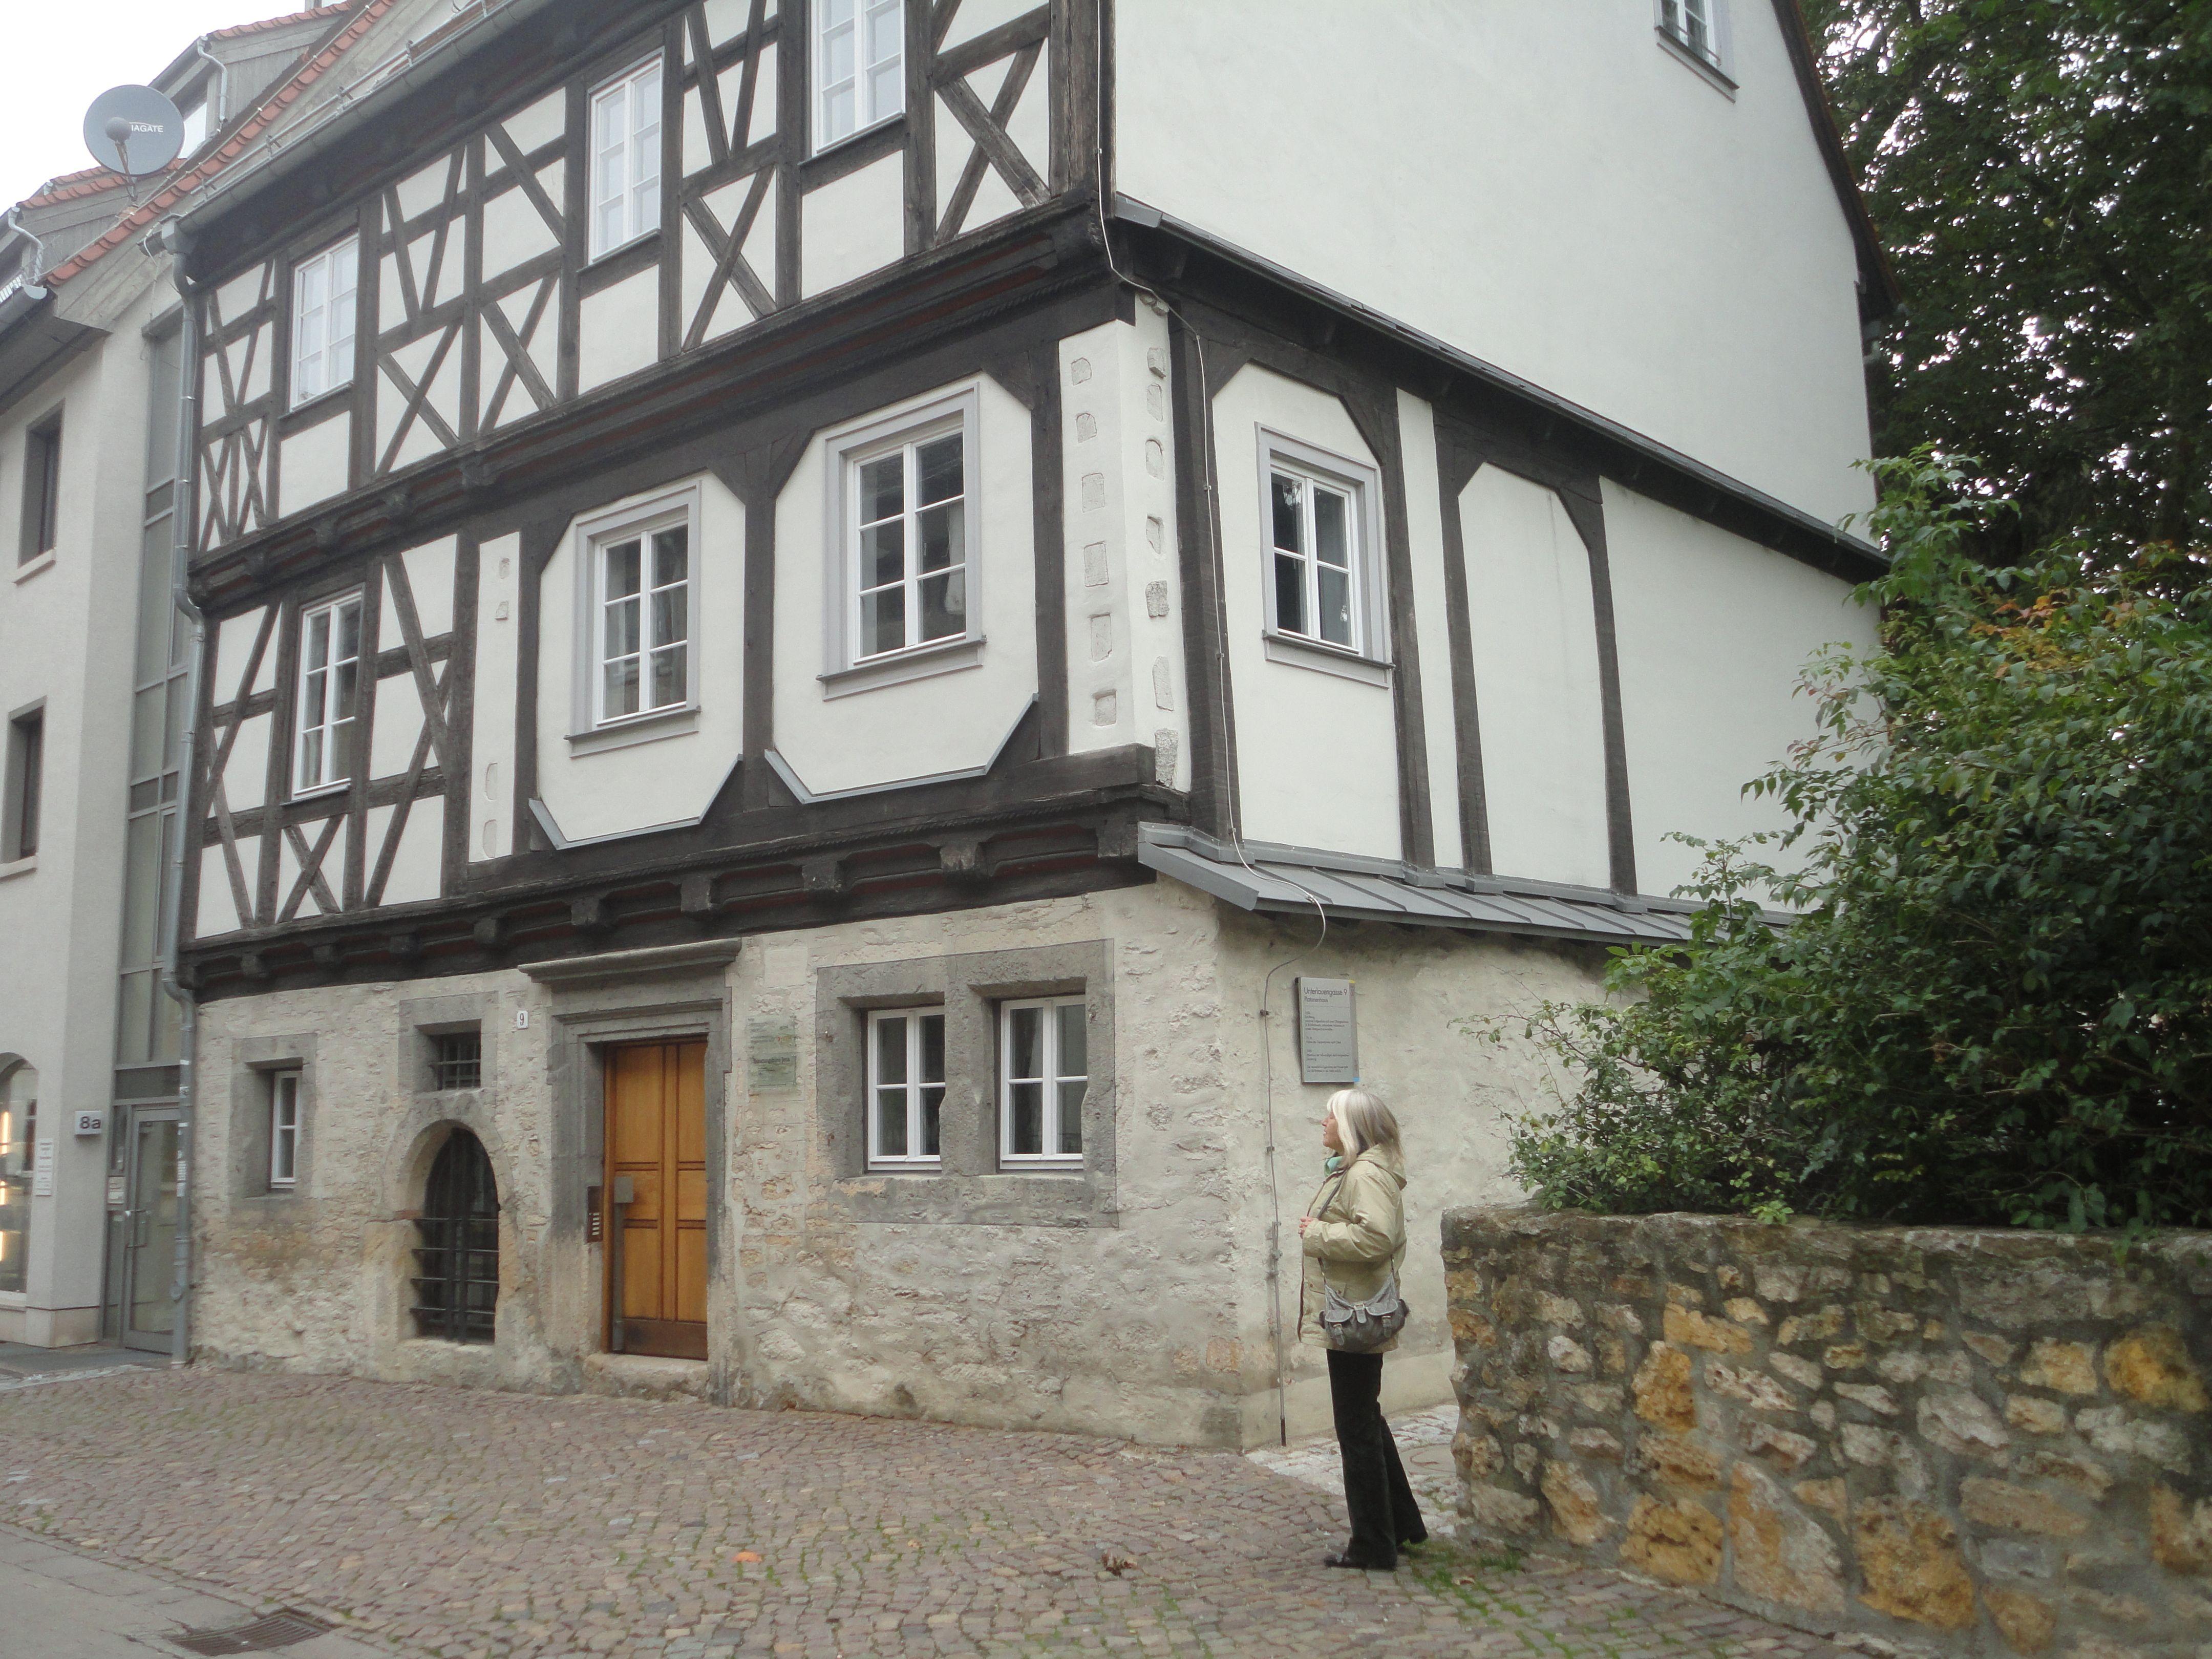 JENA PLATANENHAUS von 1606 restauriert Thüringen, Jena